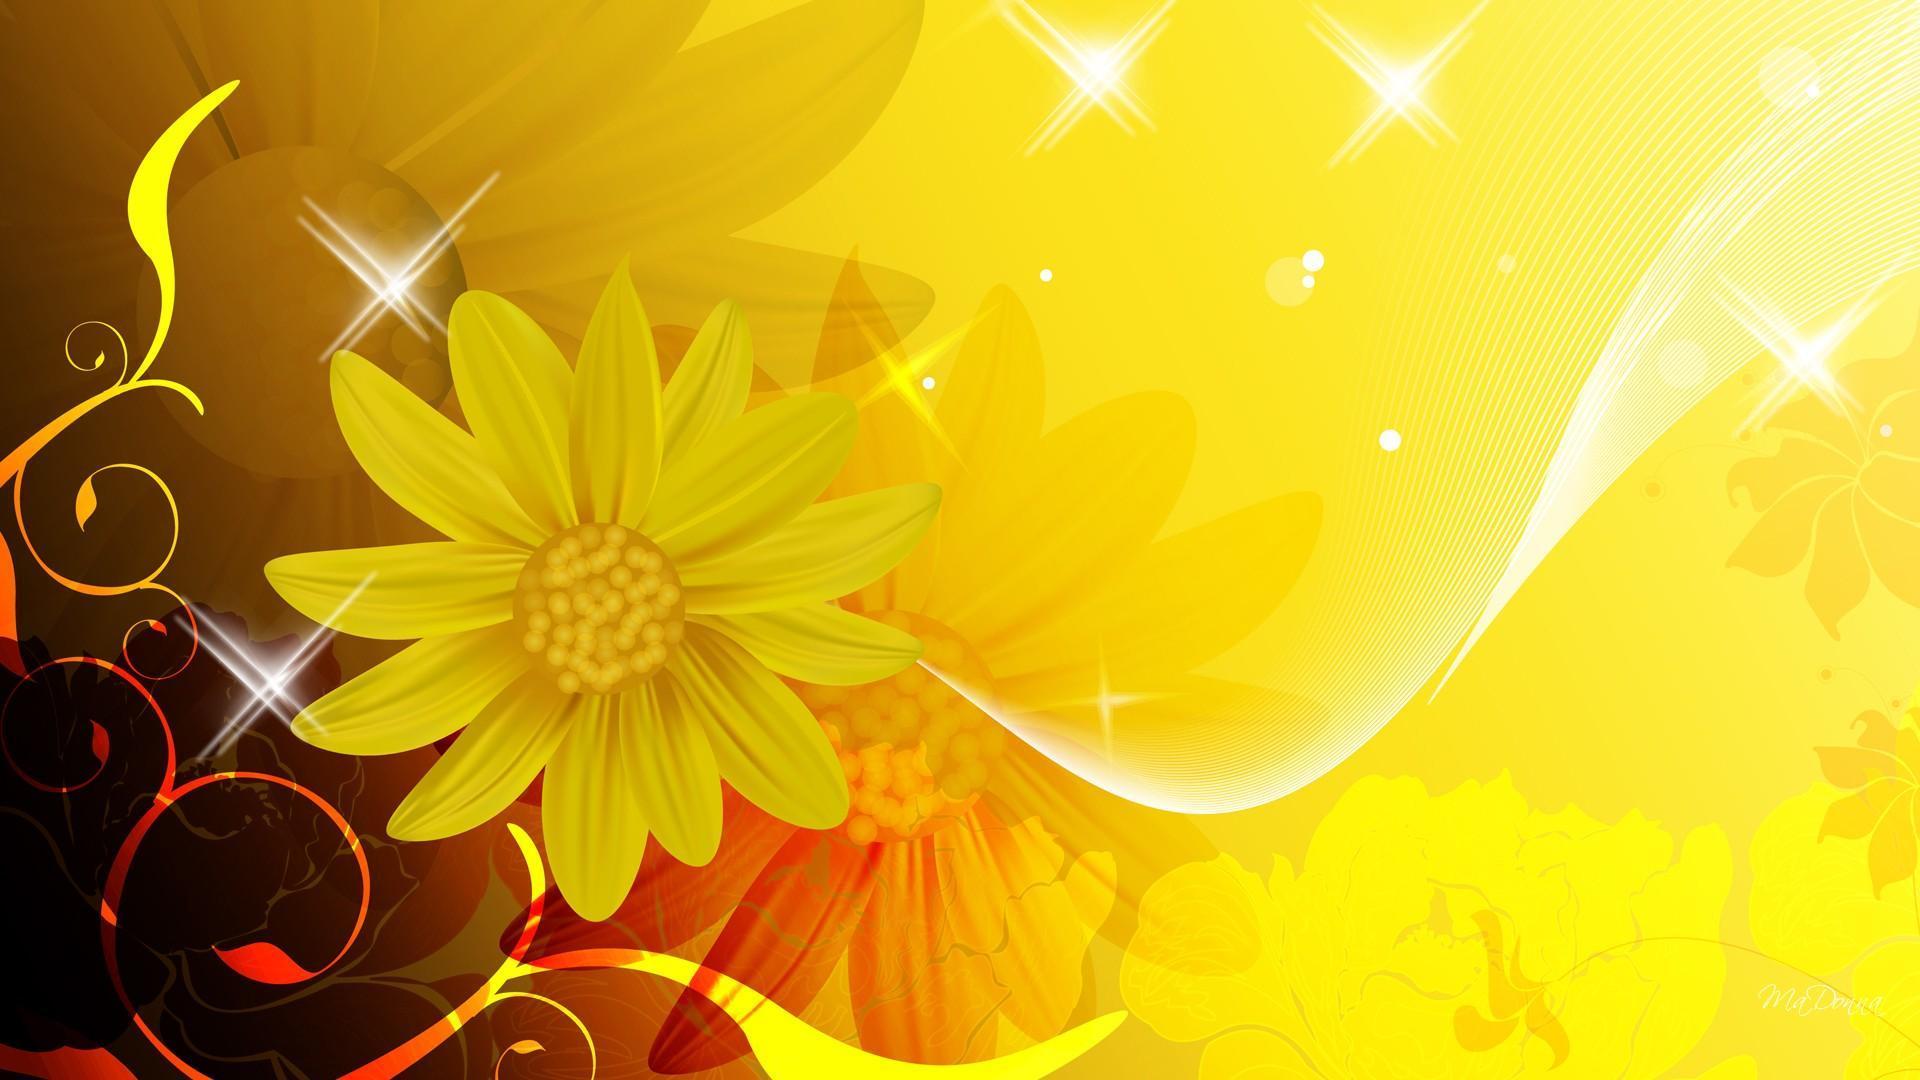 Hình nền hoa vàng cho máy tính